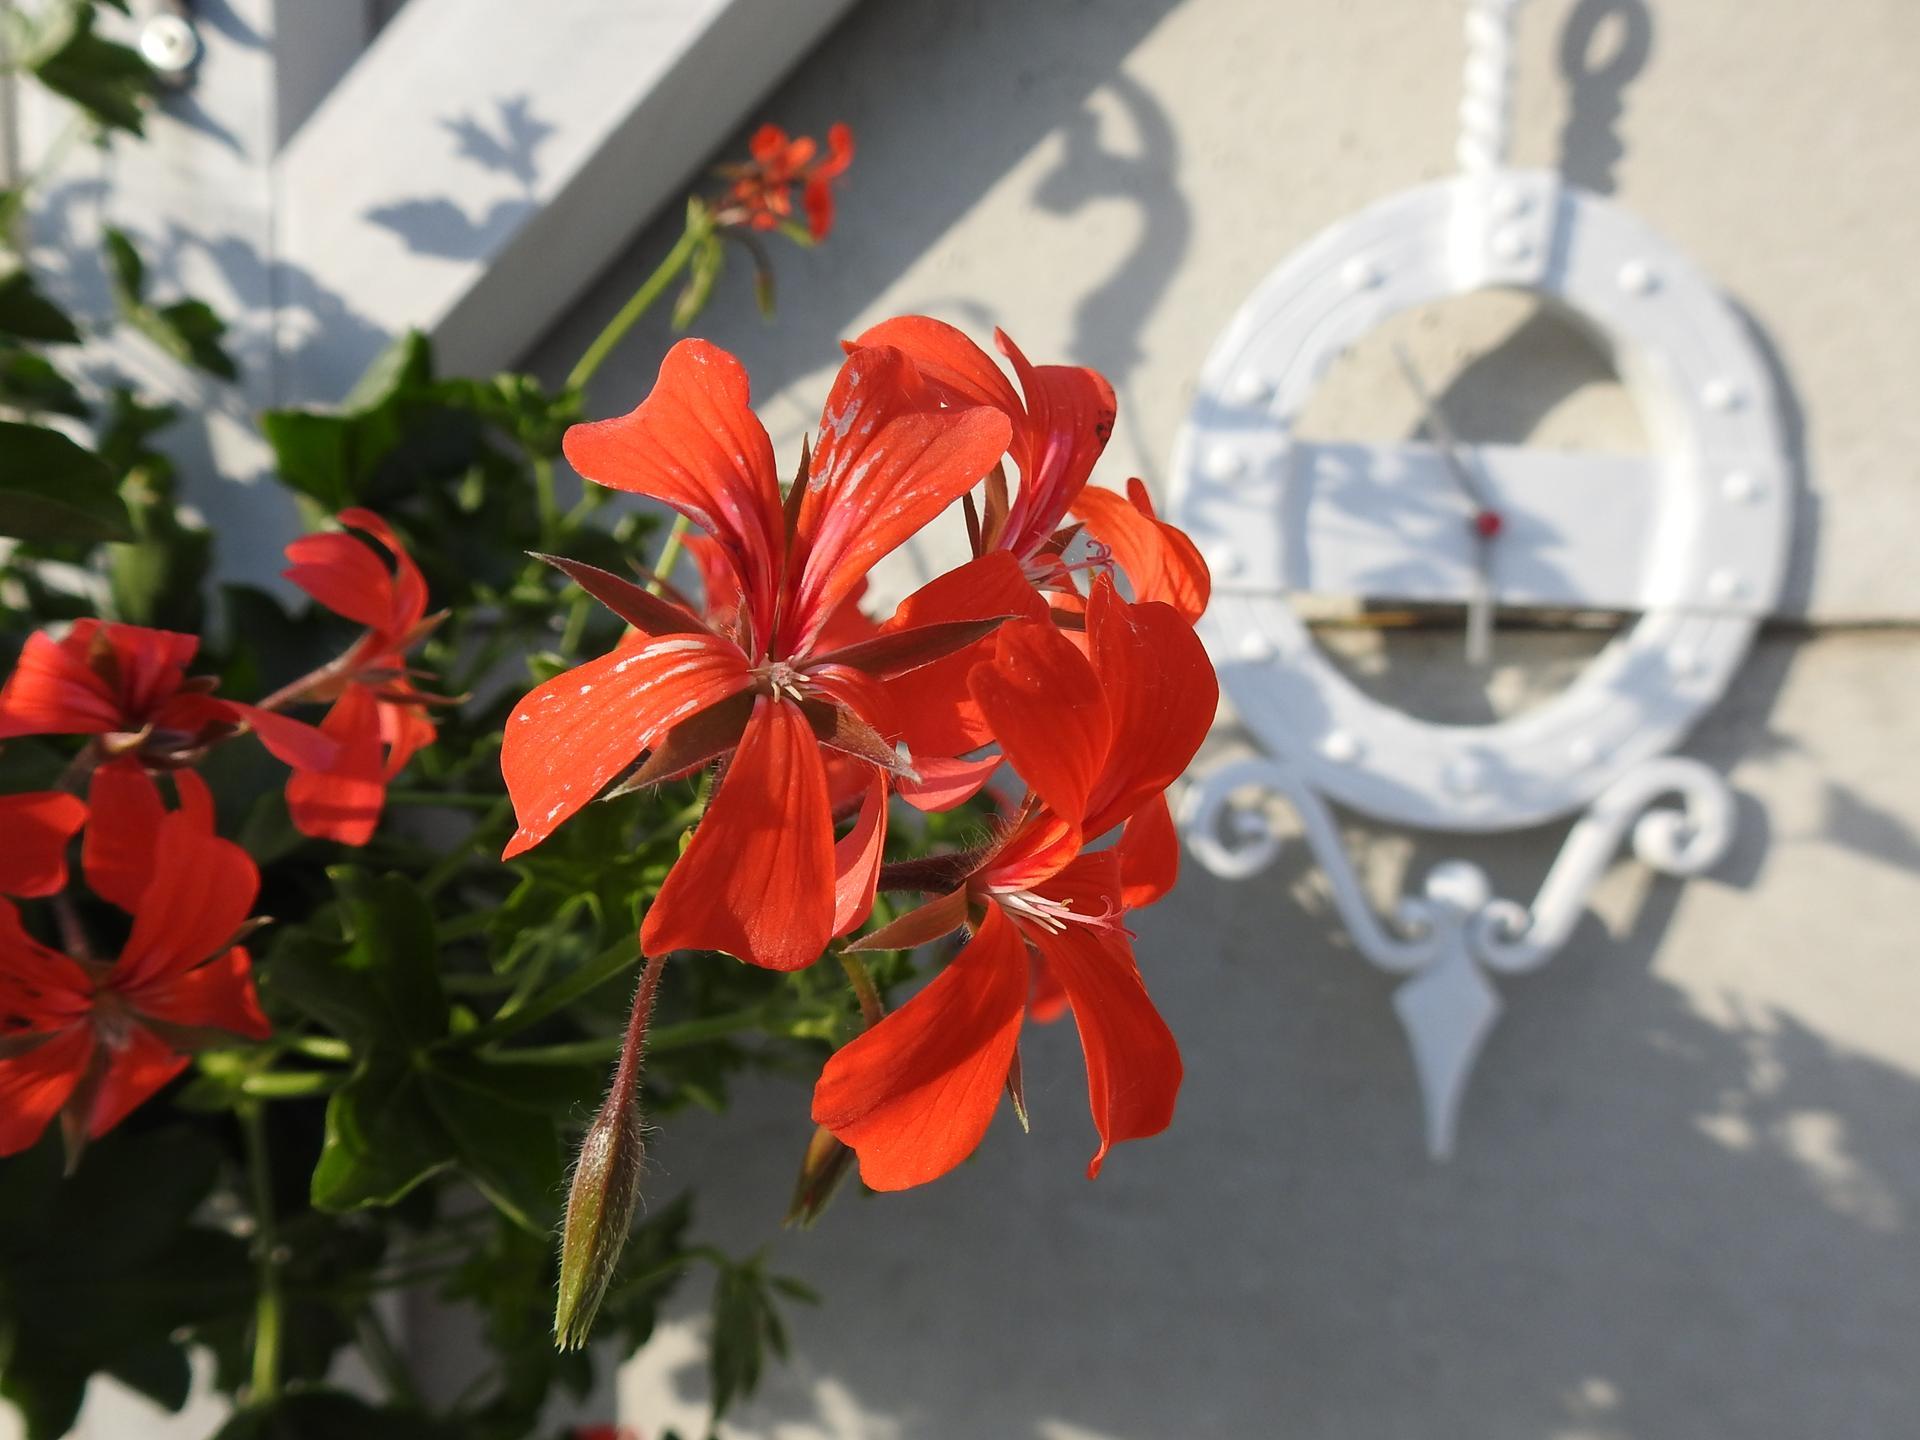 májový náhľad do záhrady - Obrázok č. 2